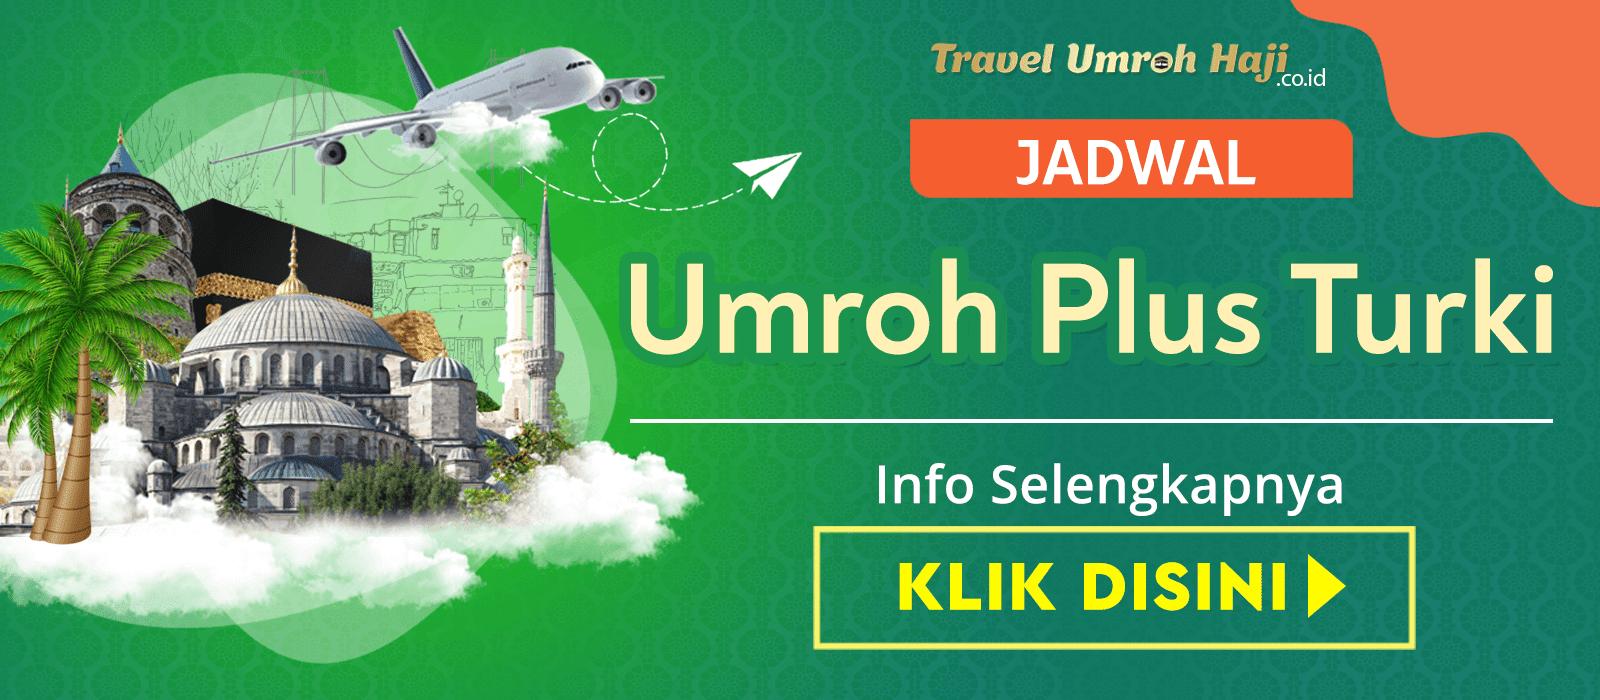 Paket Umroh Plus Turki Murah Biaya Promo Jadwal Tahun 2020 2021